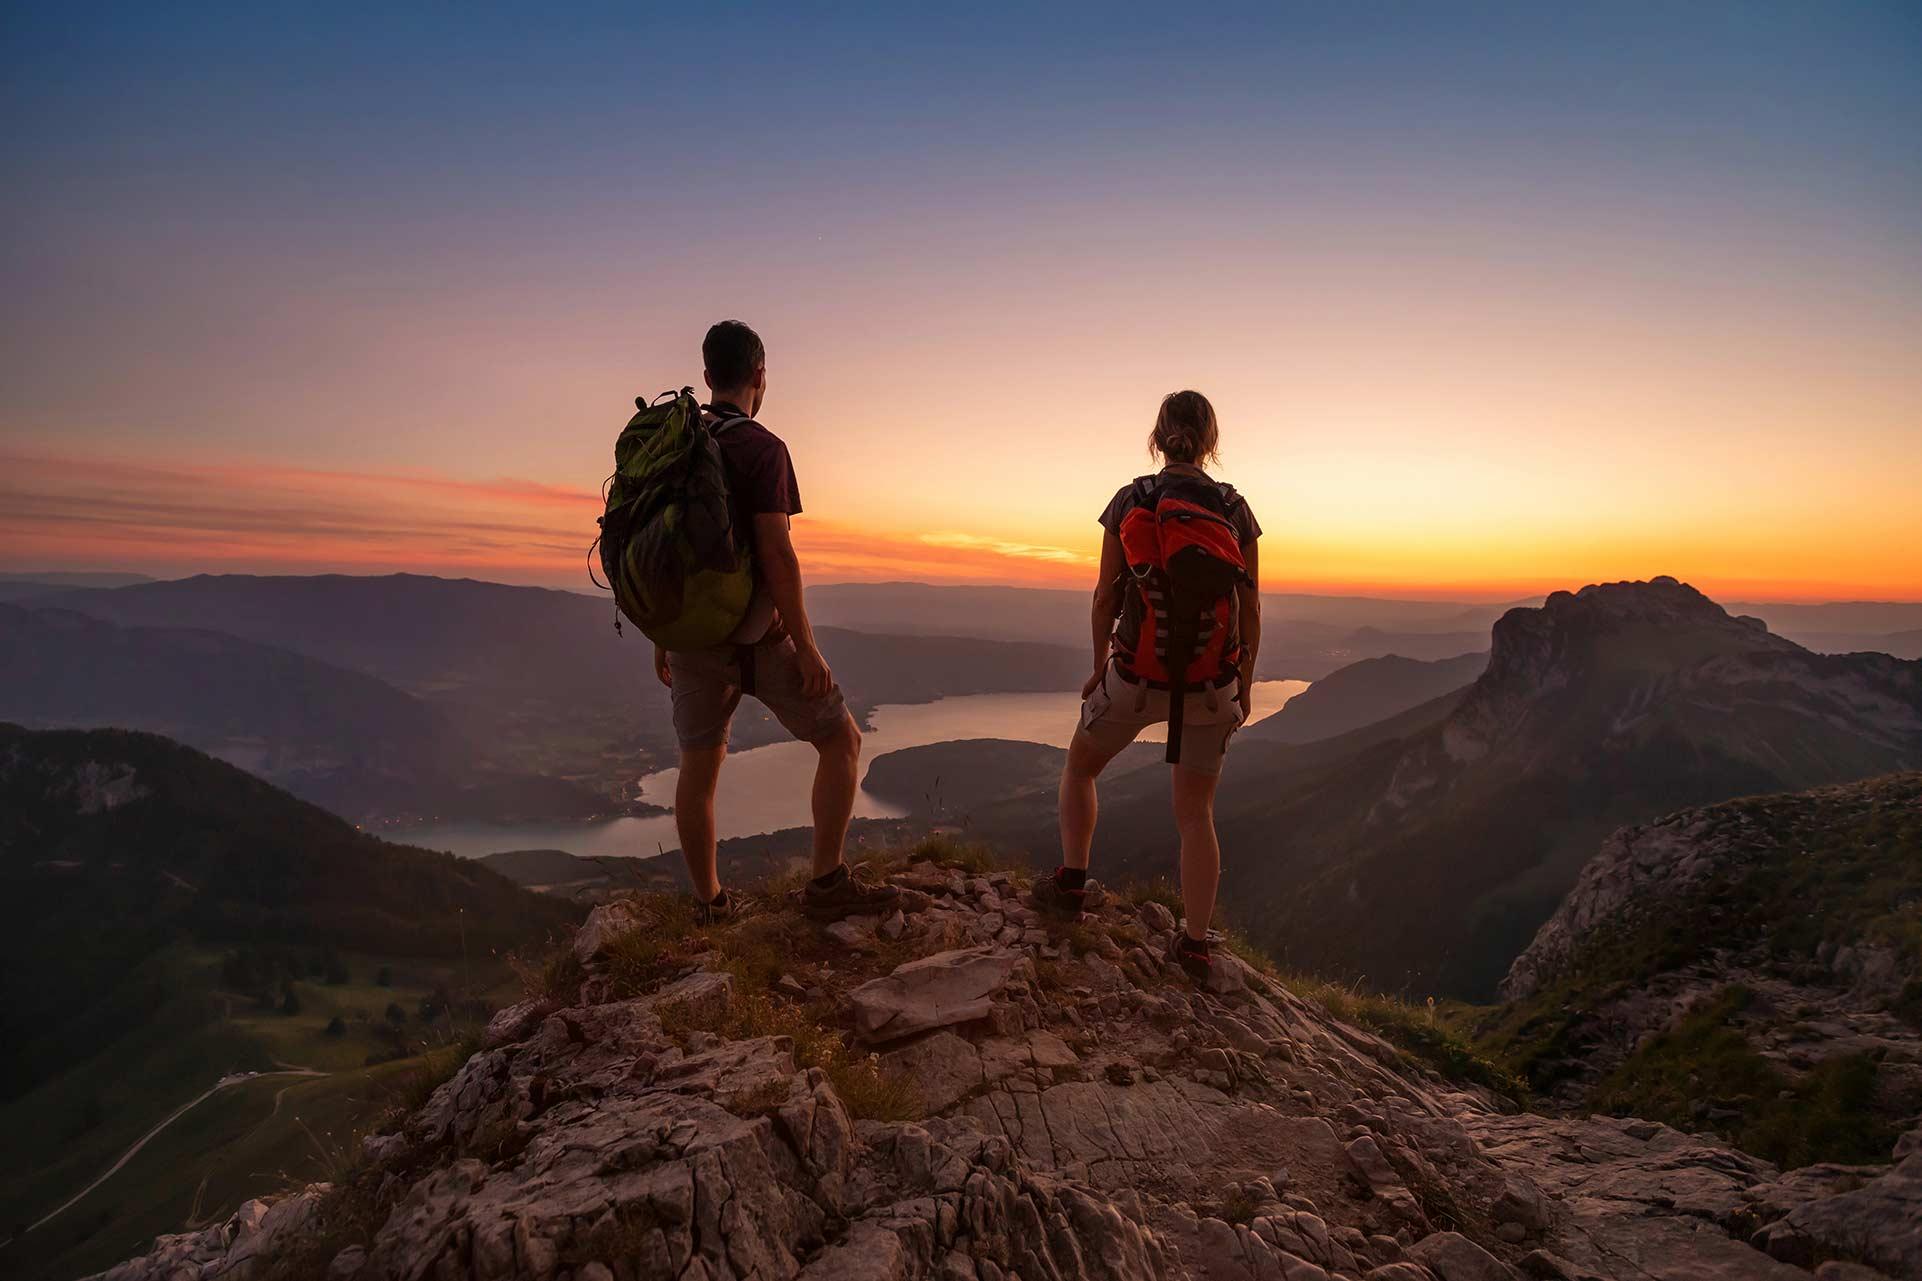 two people overlooking mountain range